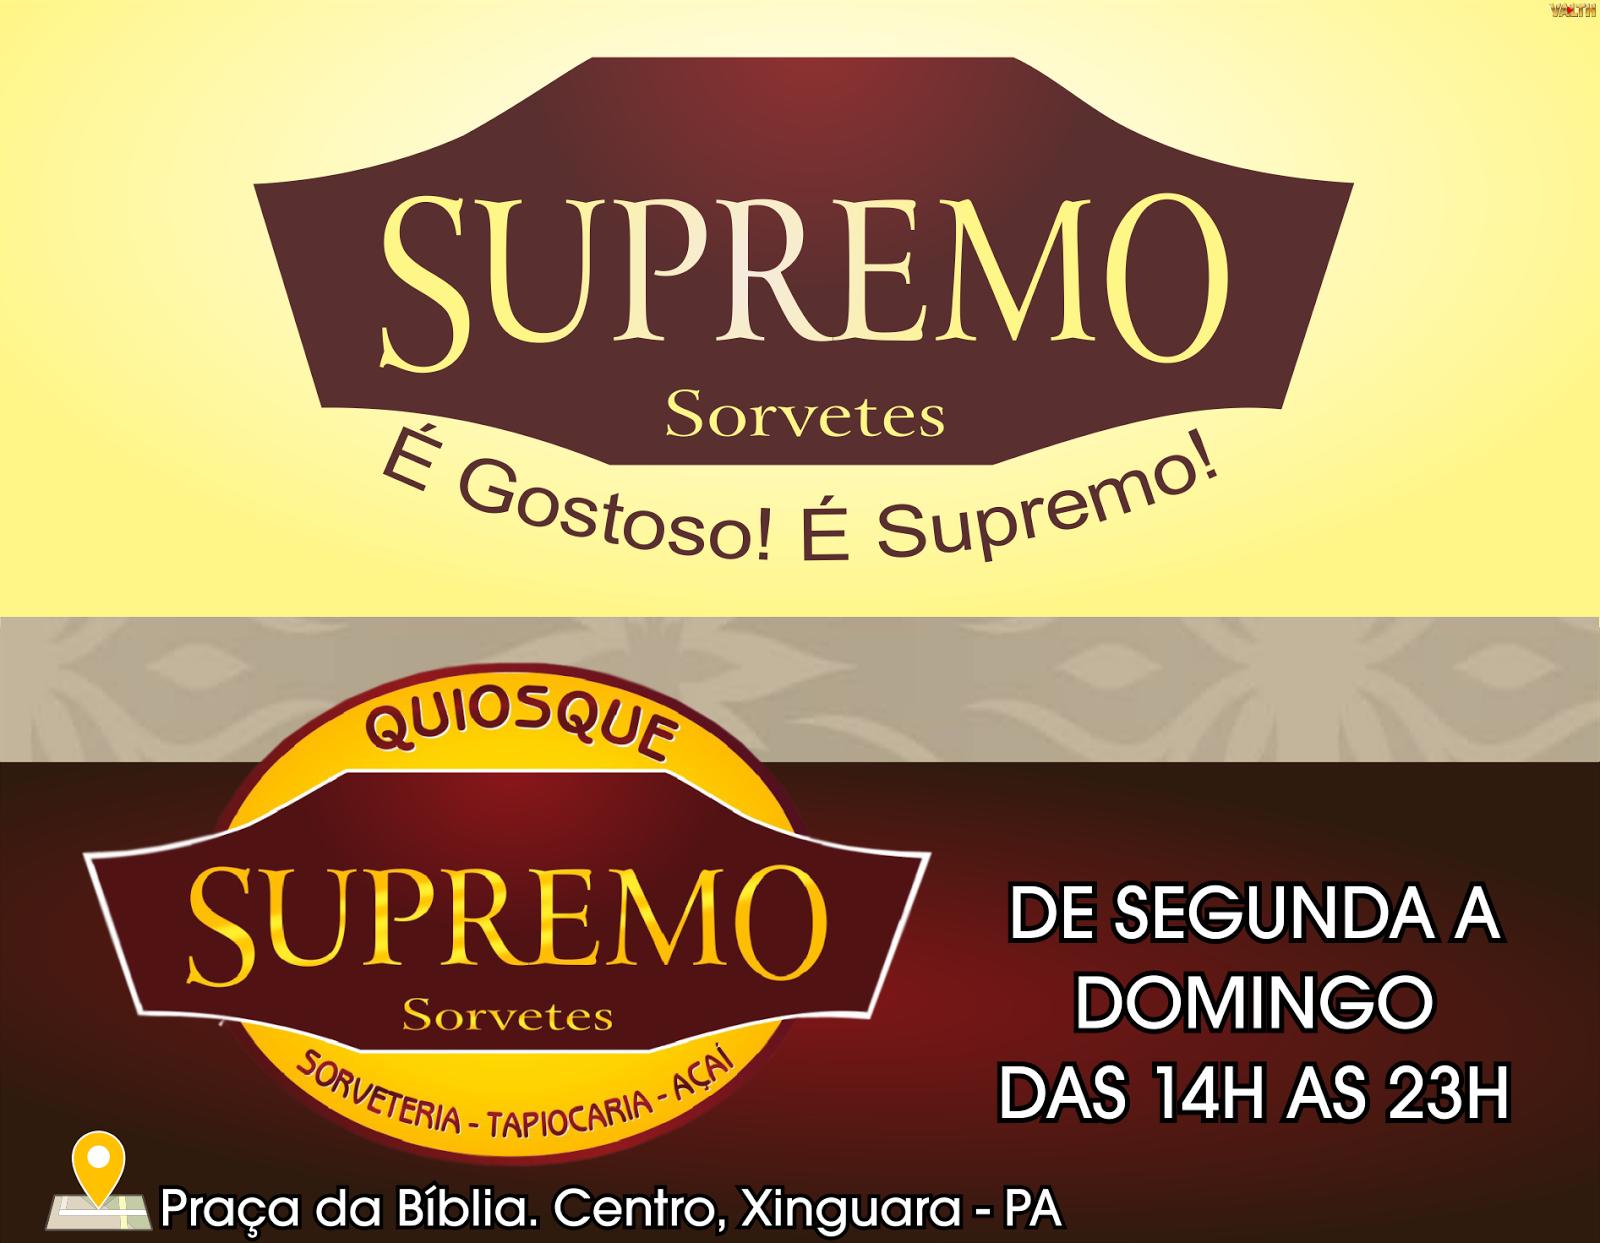 SUPREMO SORVETES